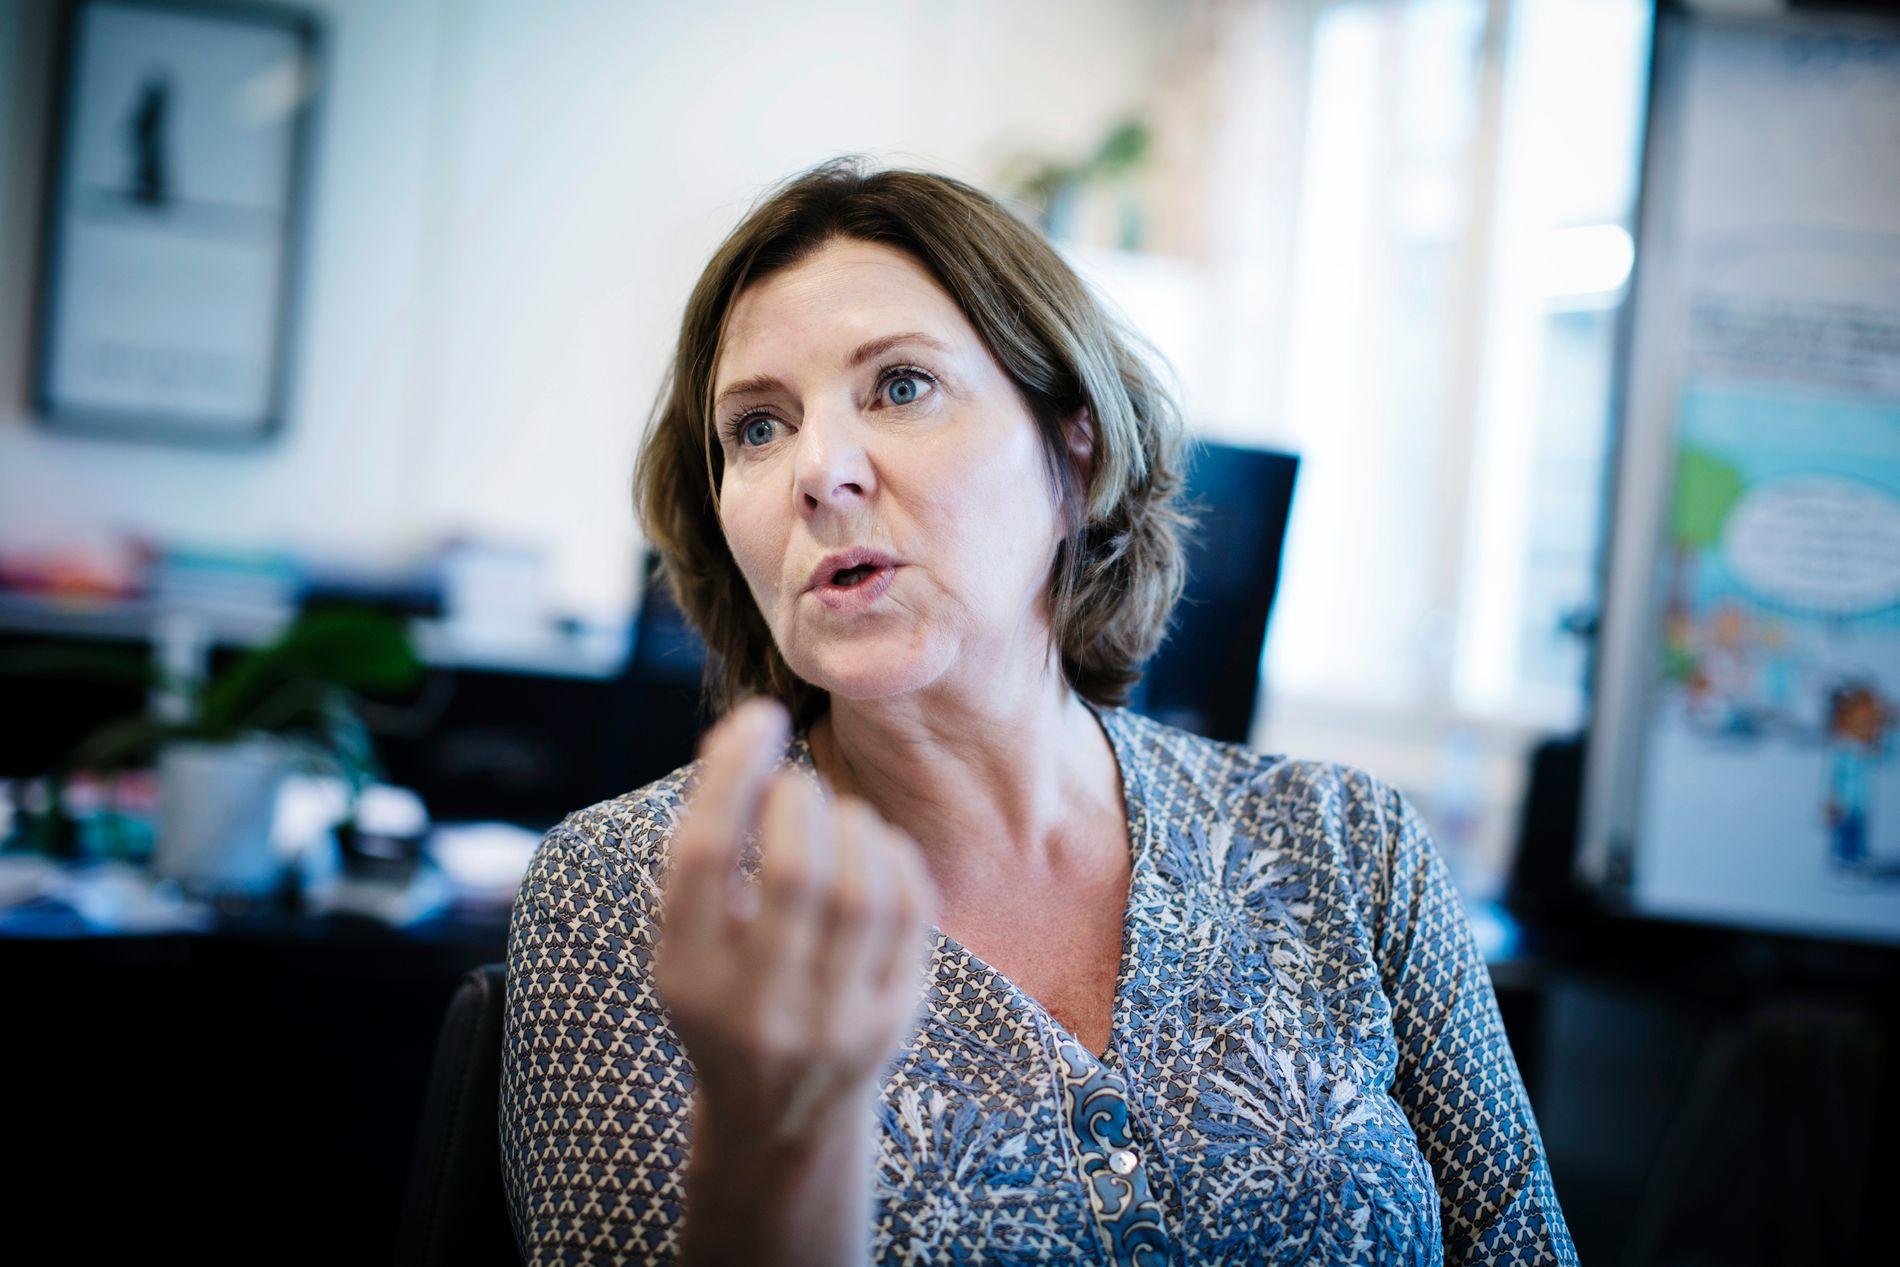 KRITISK: – Likestillings- og diskrimineringsombud Hanne Bjurstrøm driver en form for sekulær selveksorsisme, tydeligvis uten å se ironien, hevder kronikkforfatteren.